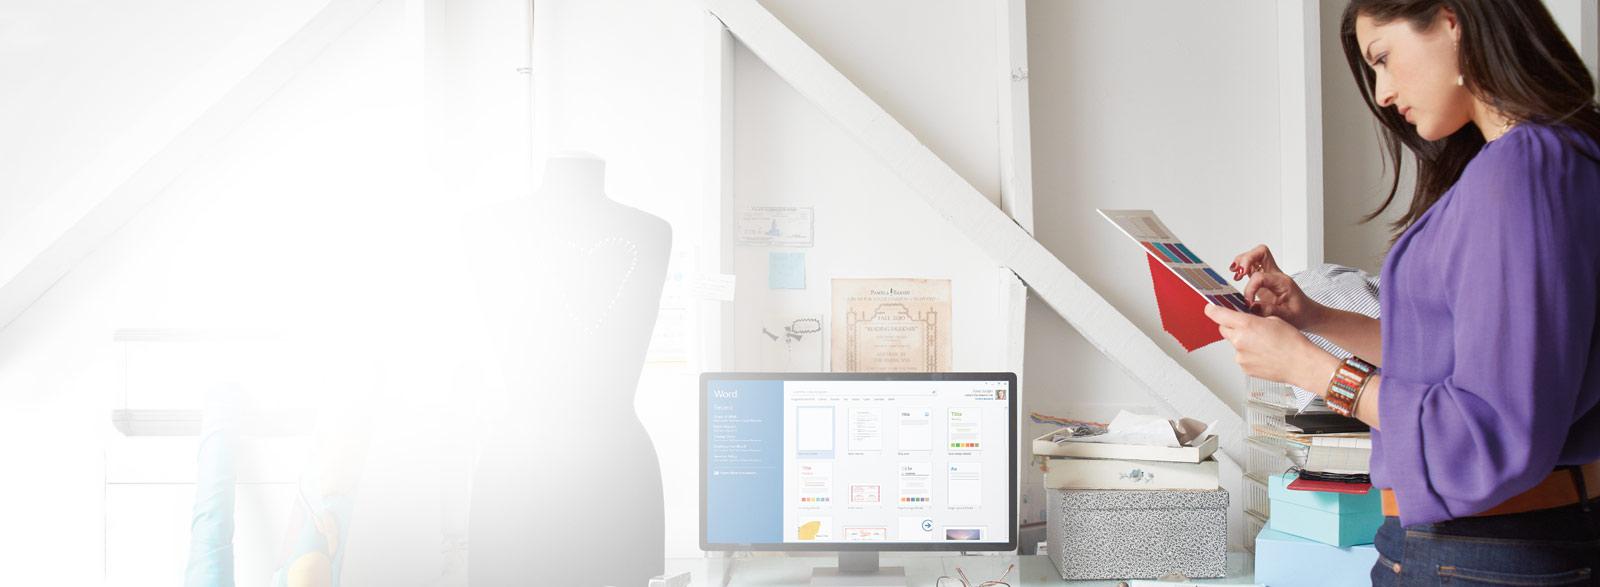 Office 365 Business: aplikasi Office yang lengkap merentasi peranti serta storan dan perkongsian fail.